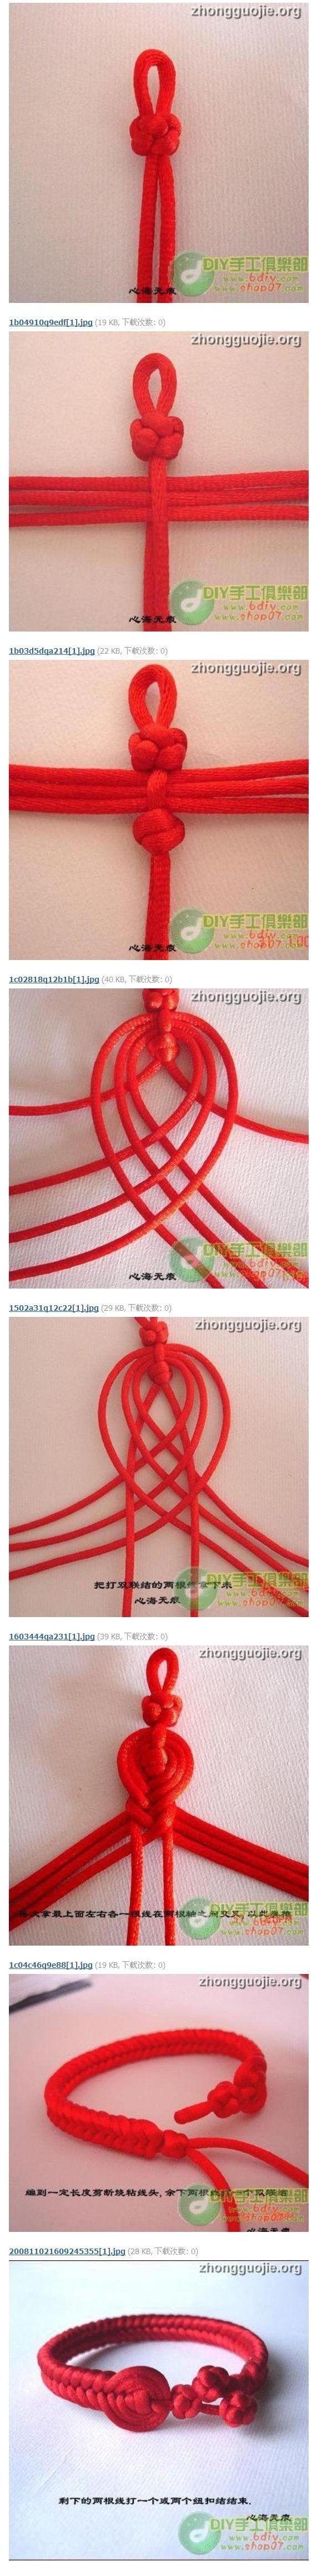 DIY Lucky Knot Bracelet DIY Projects | UsefulDIY.com